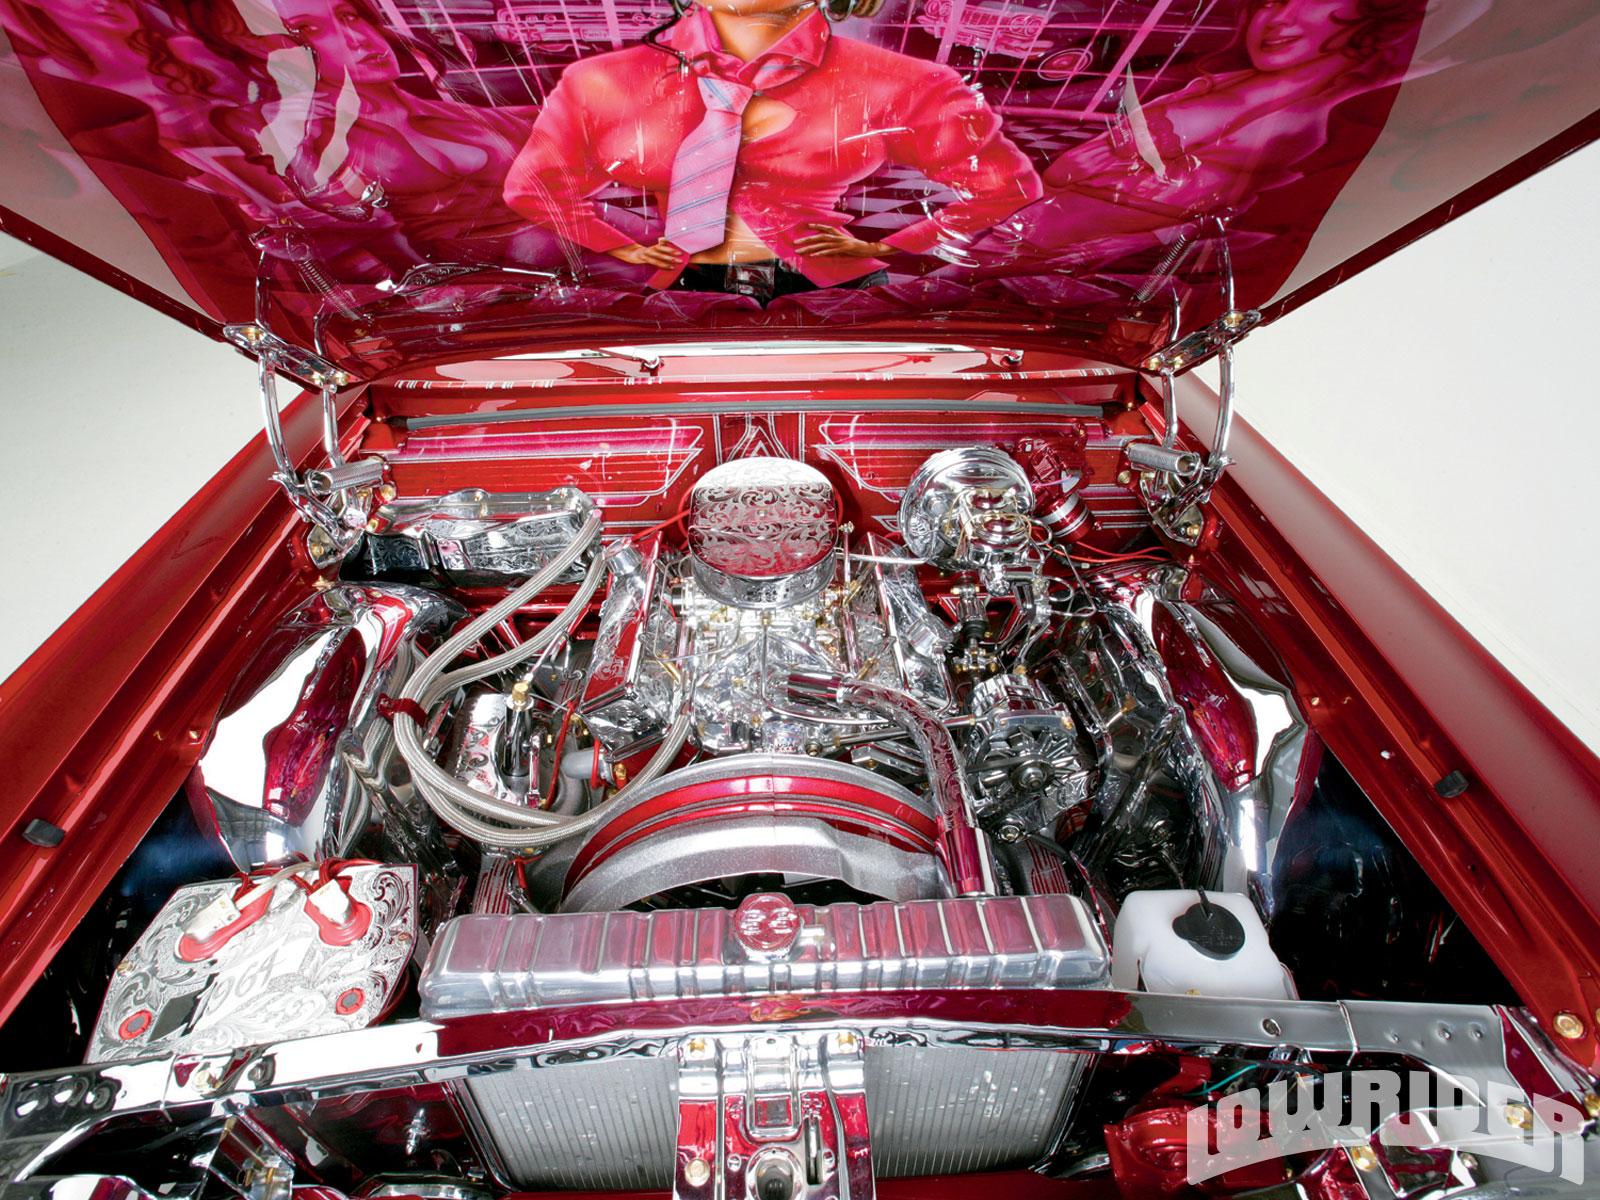 1964 Chevrolet Impala - 2000 Chevy 350 Engine - Lowrider Magazine